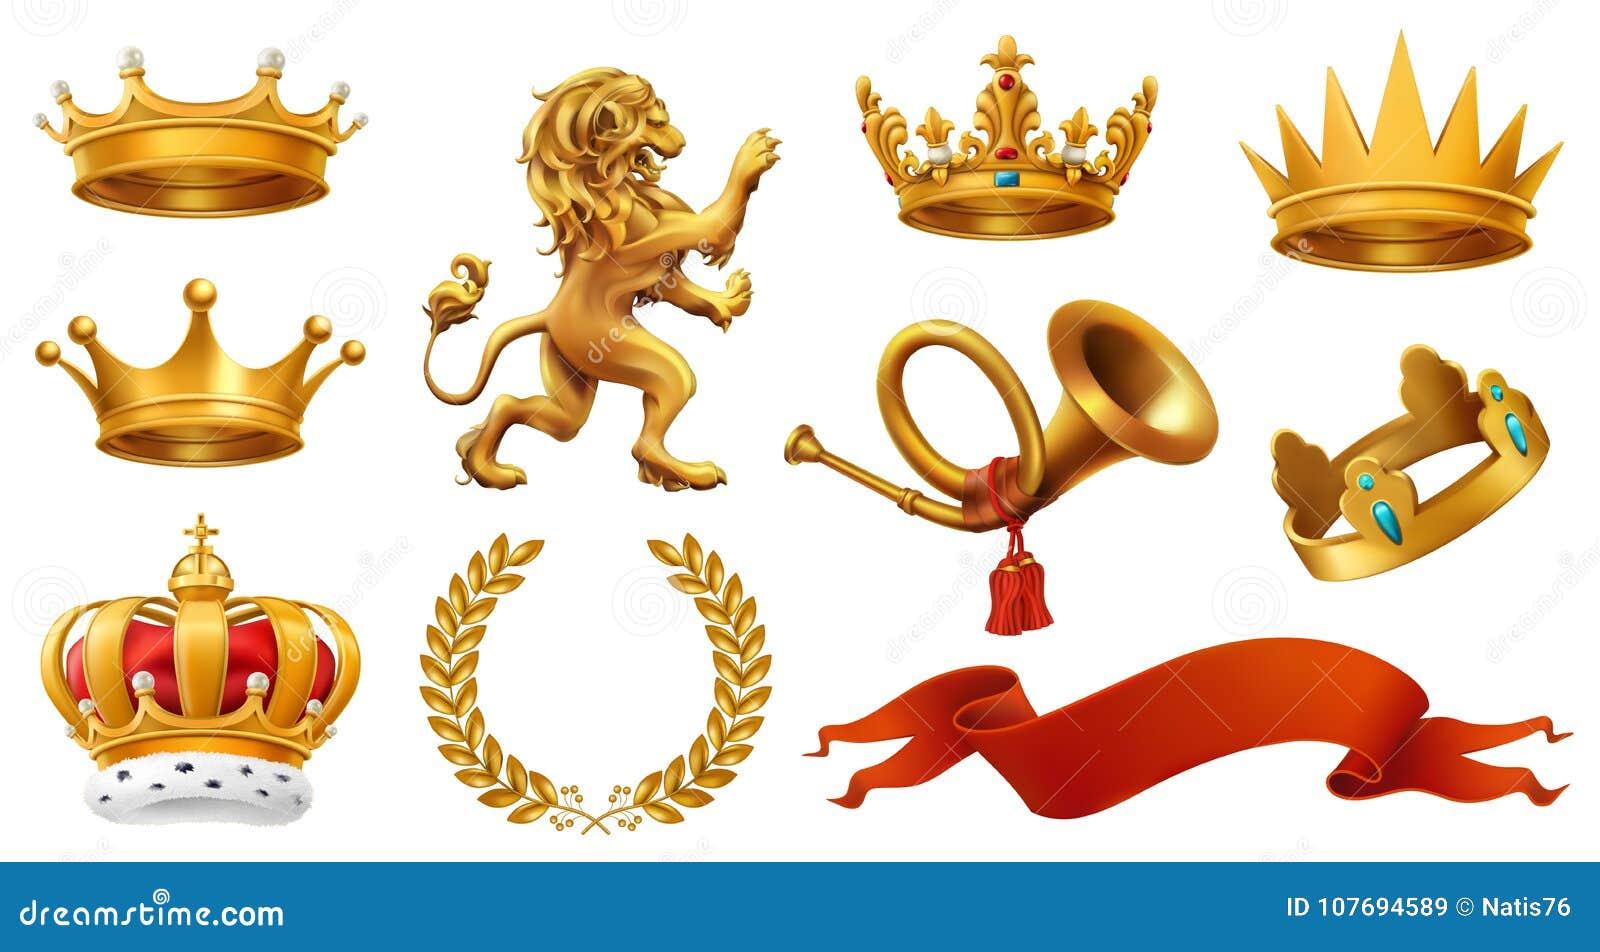 国王的金冠 月桂树花圈,喇叭,狮子,丝带 纸板颜色图标图标设置了标签三向量